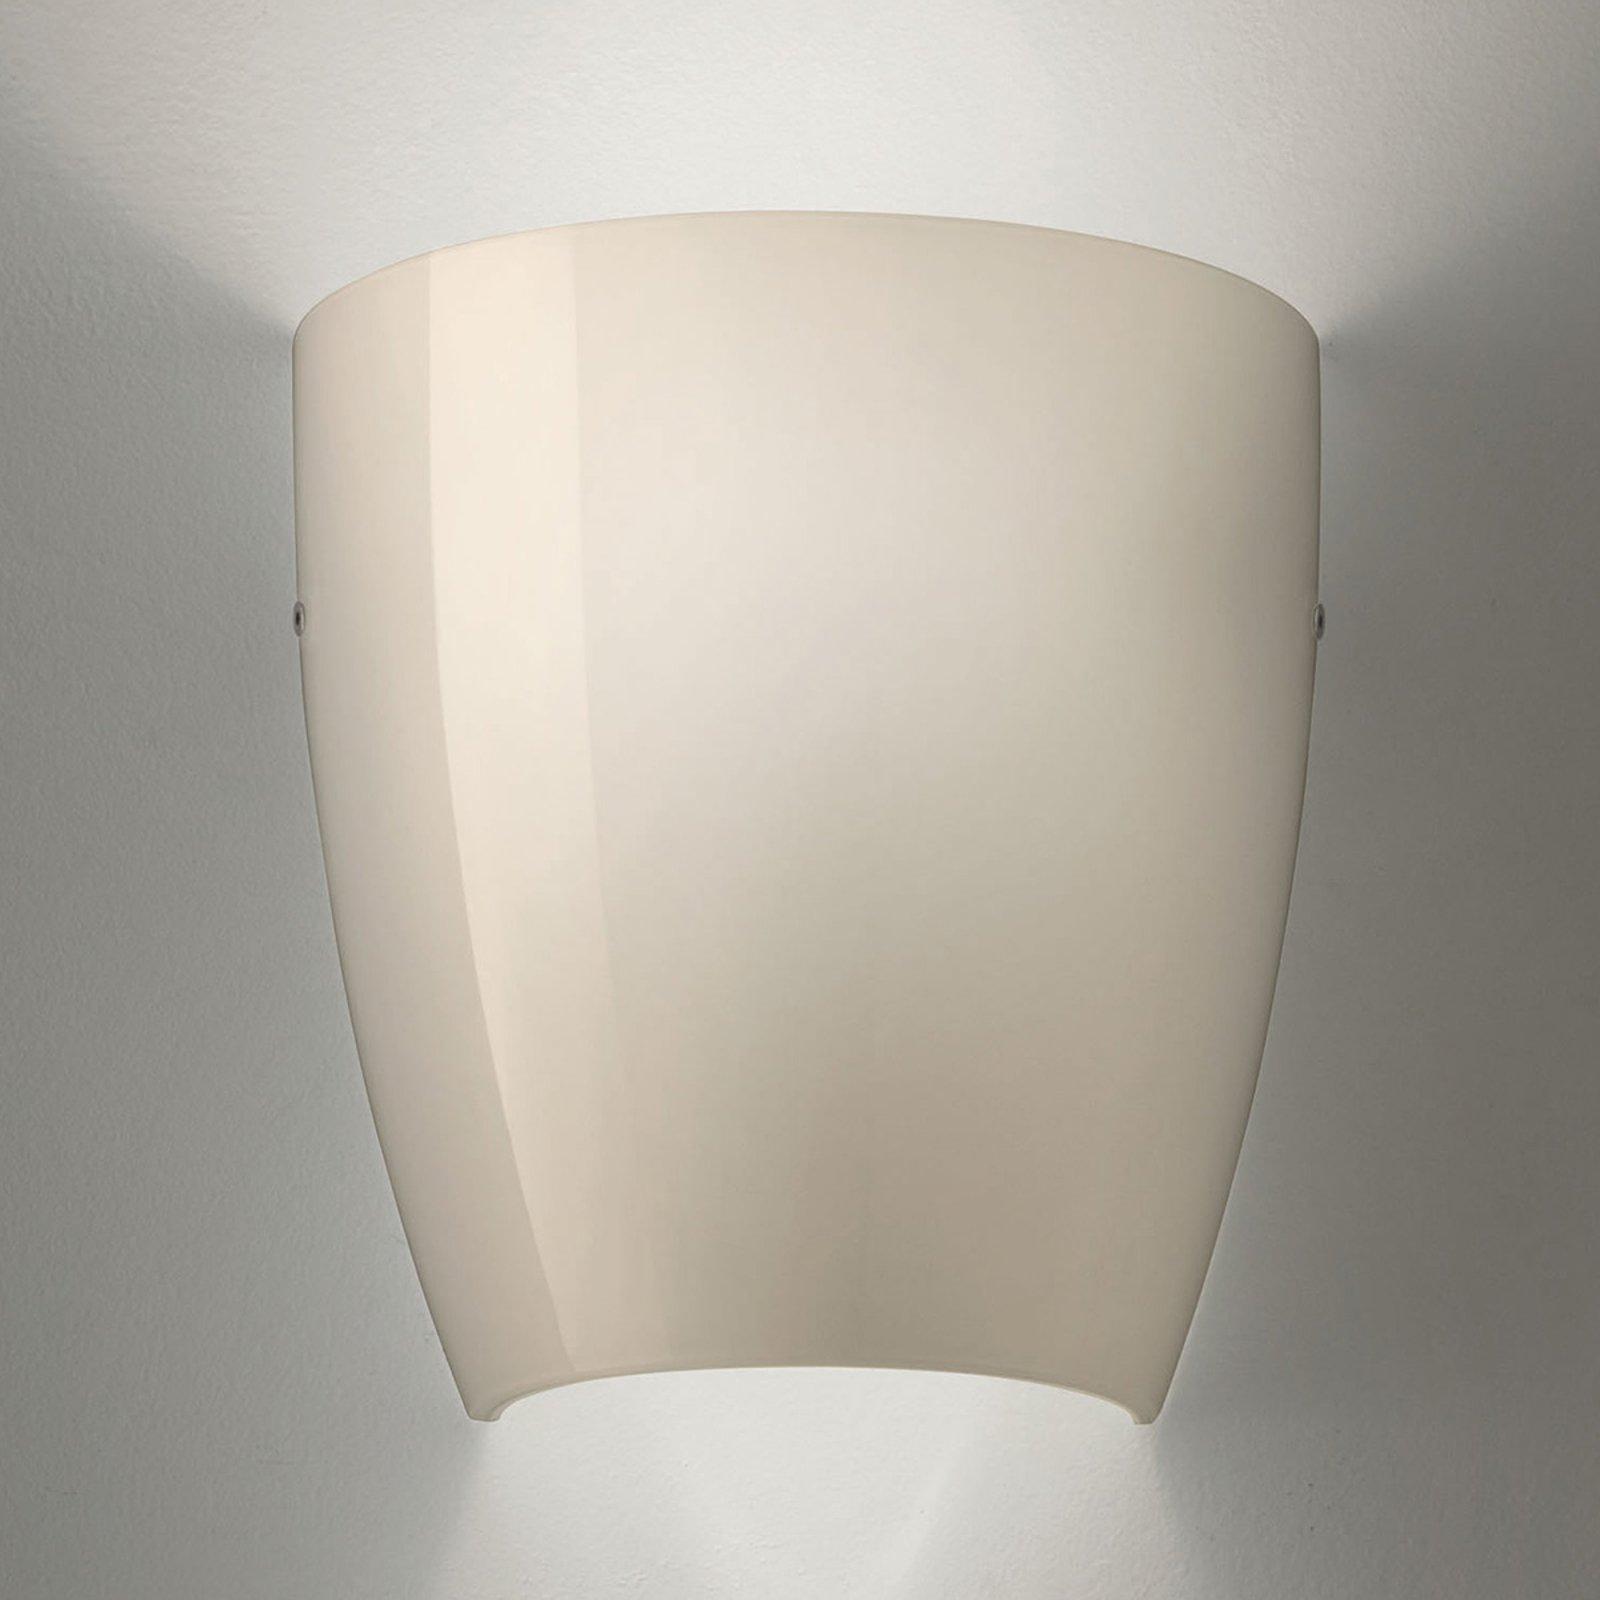 Vegglampe Dafne av glass glossy grå